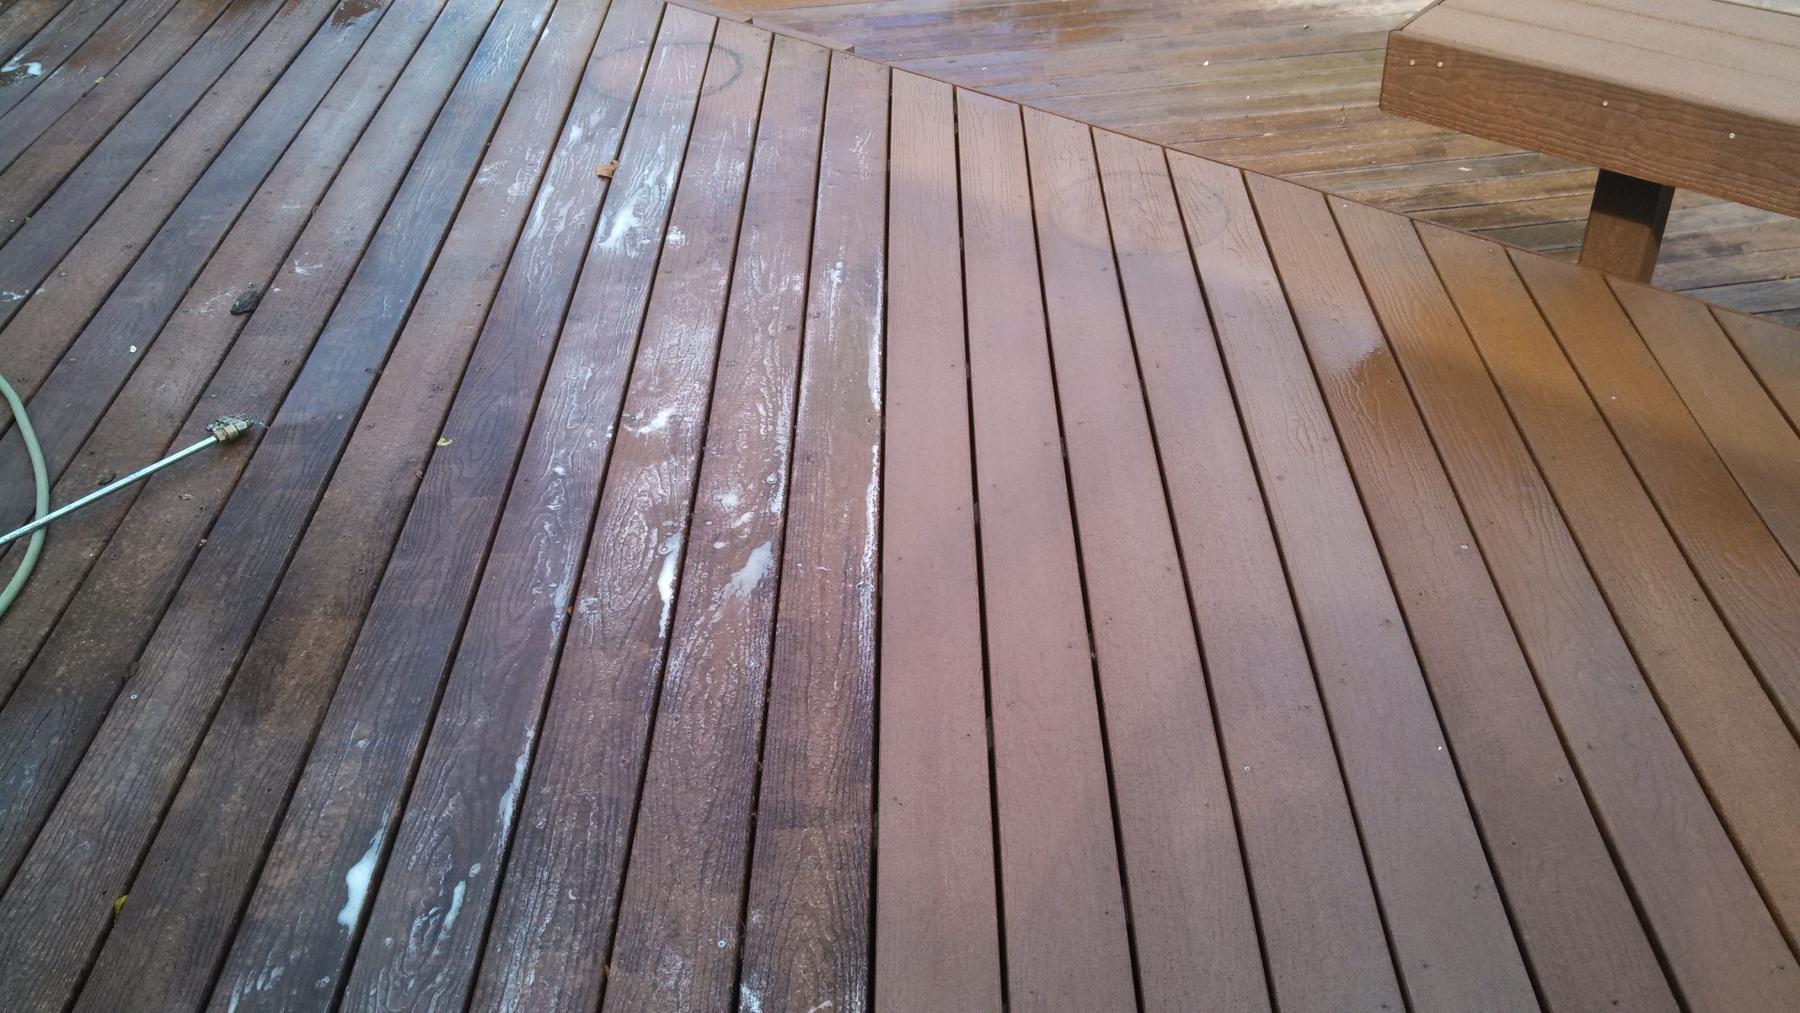 Best Way To Clean Trex Deck Mycoffeepot Org